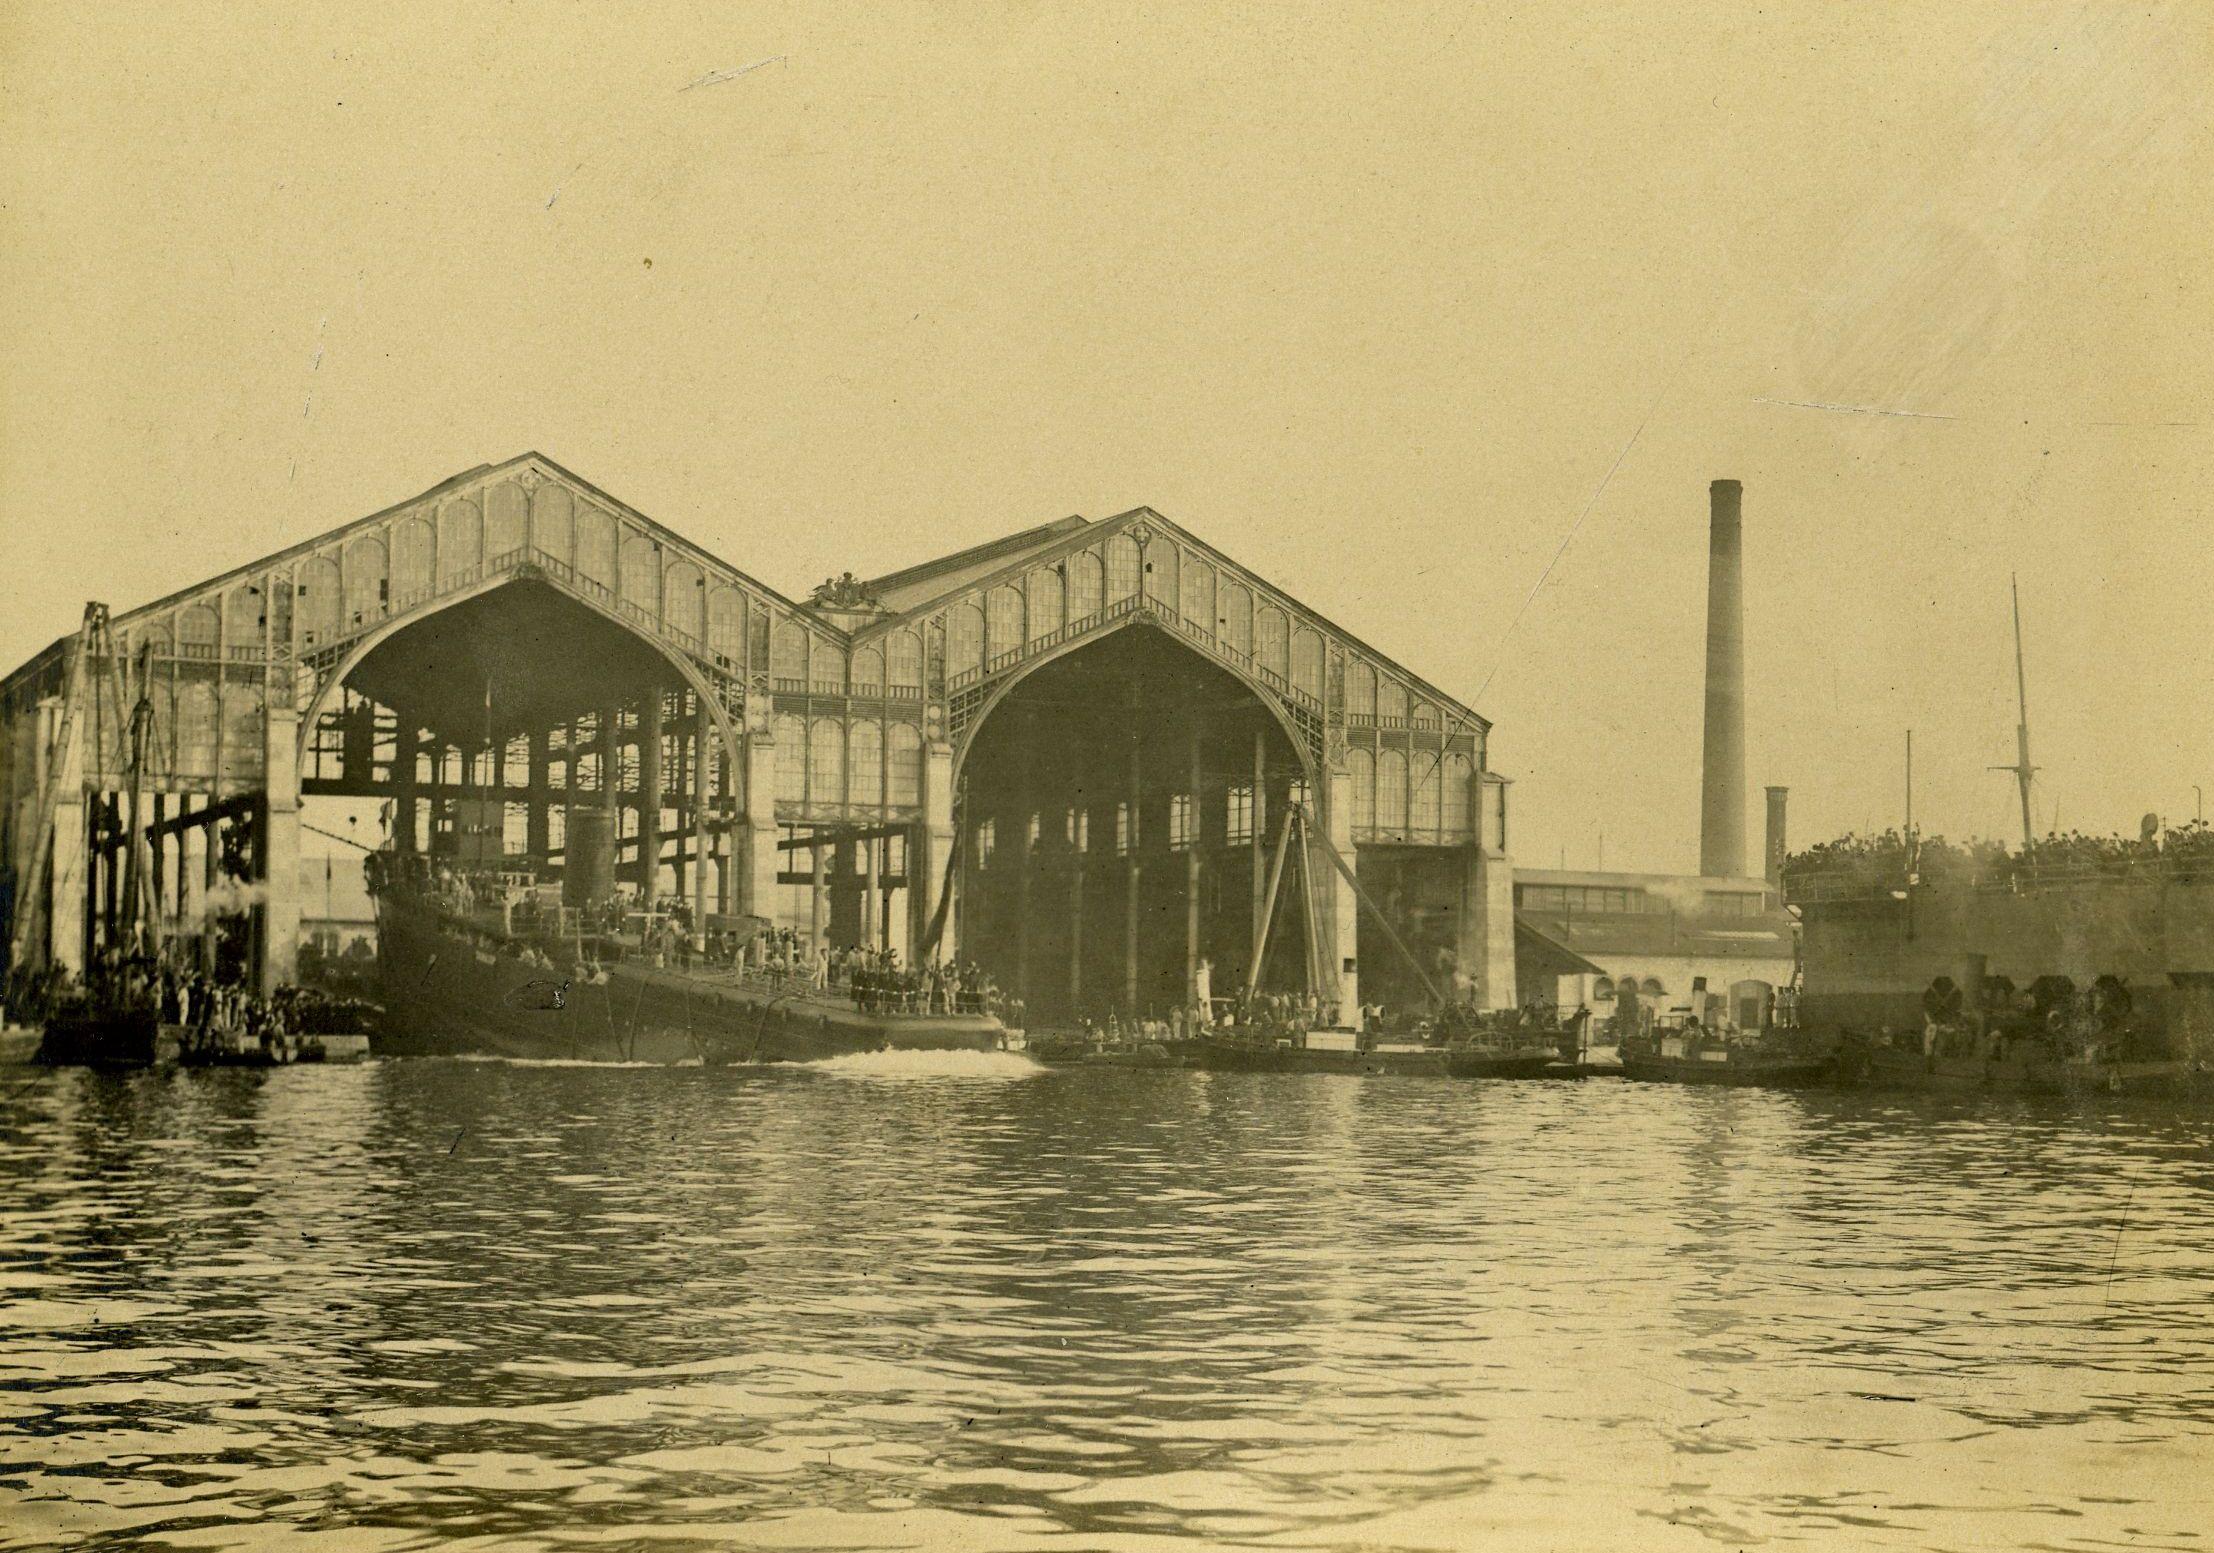 """Porinuće minopolagača S. M. S. """"Chamäleon"""" s navoza brodogradilišta na otoku Uljanik, 1913."""